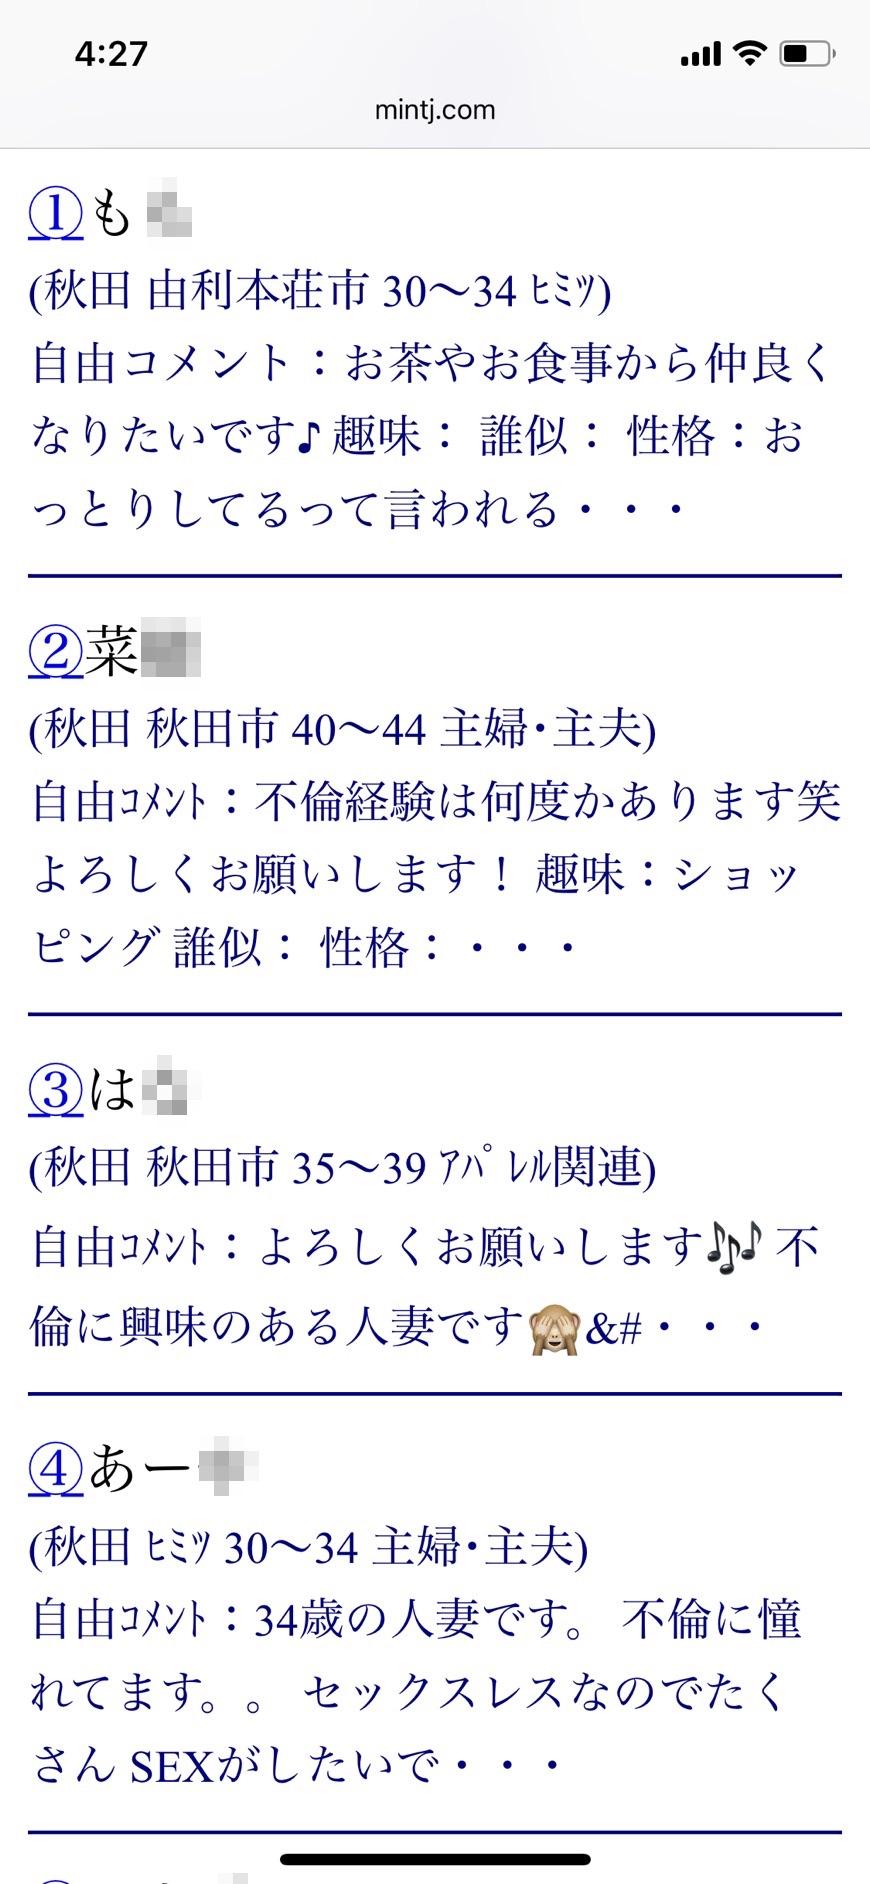 2021年・秋田割り切り出会い掲示板(Jメール)